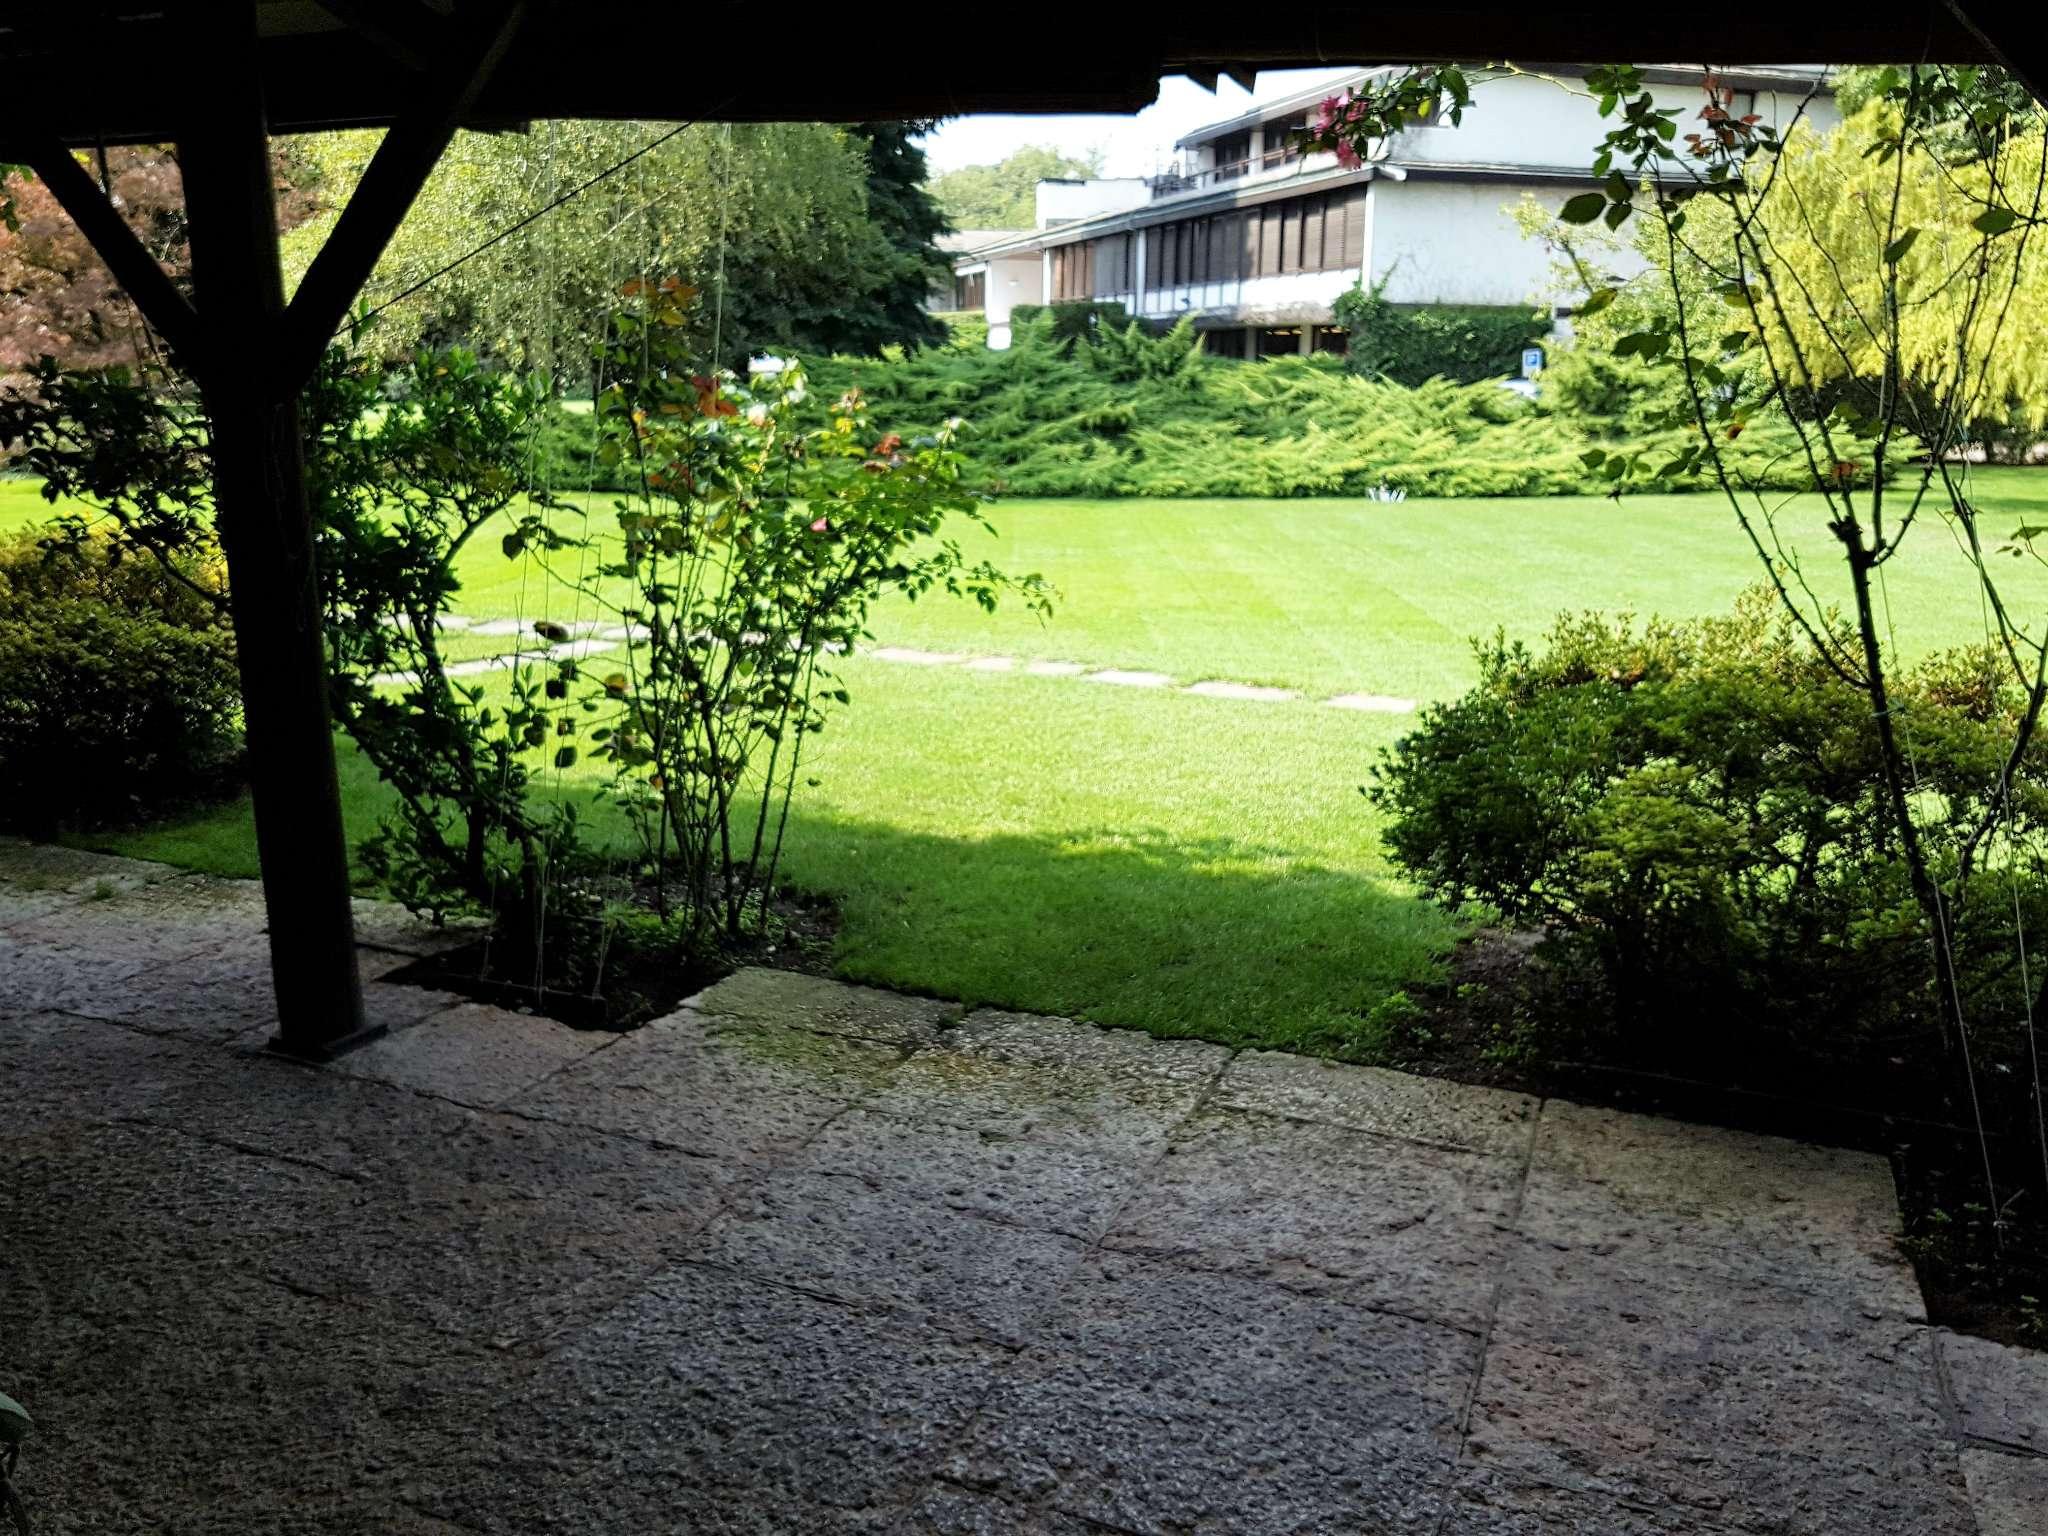 Villa in Vendita a Lentate Sul Seveso: 5 locali, 150 mq